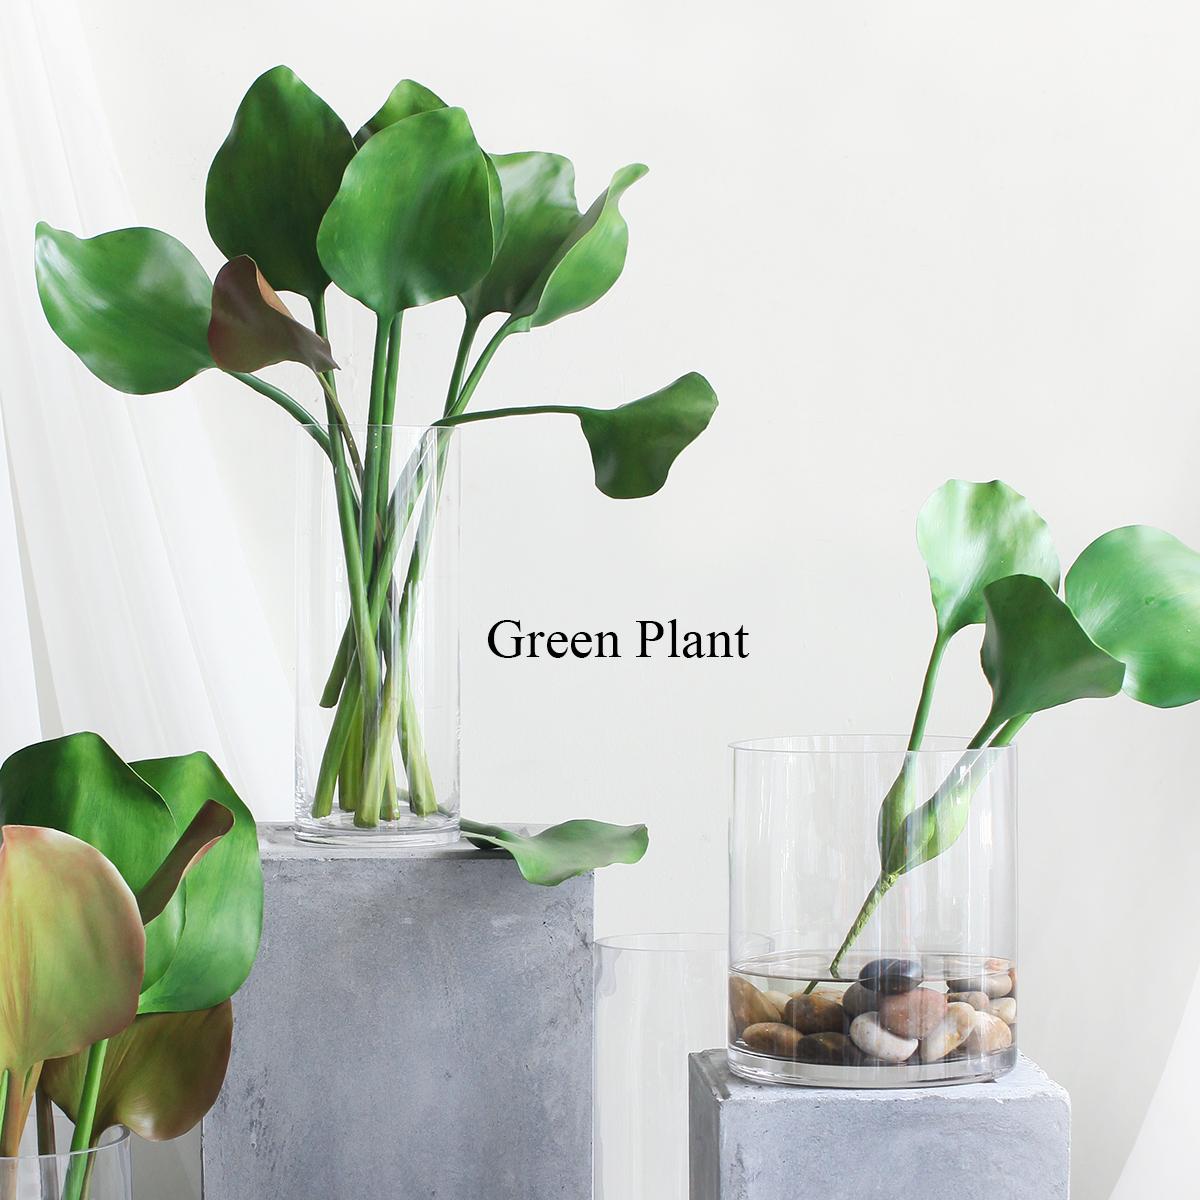 西西里北欧绿植水浮莲叶仿真植物家居客厅办公室酒店装饰搭配绿叶